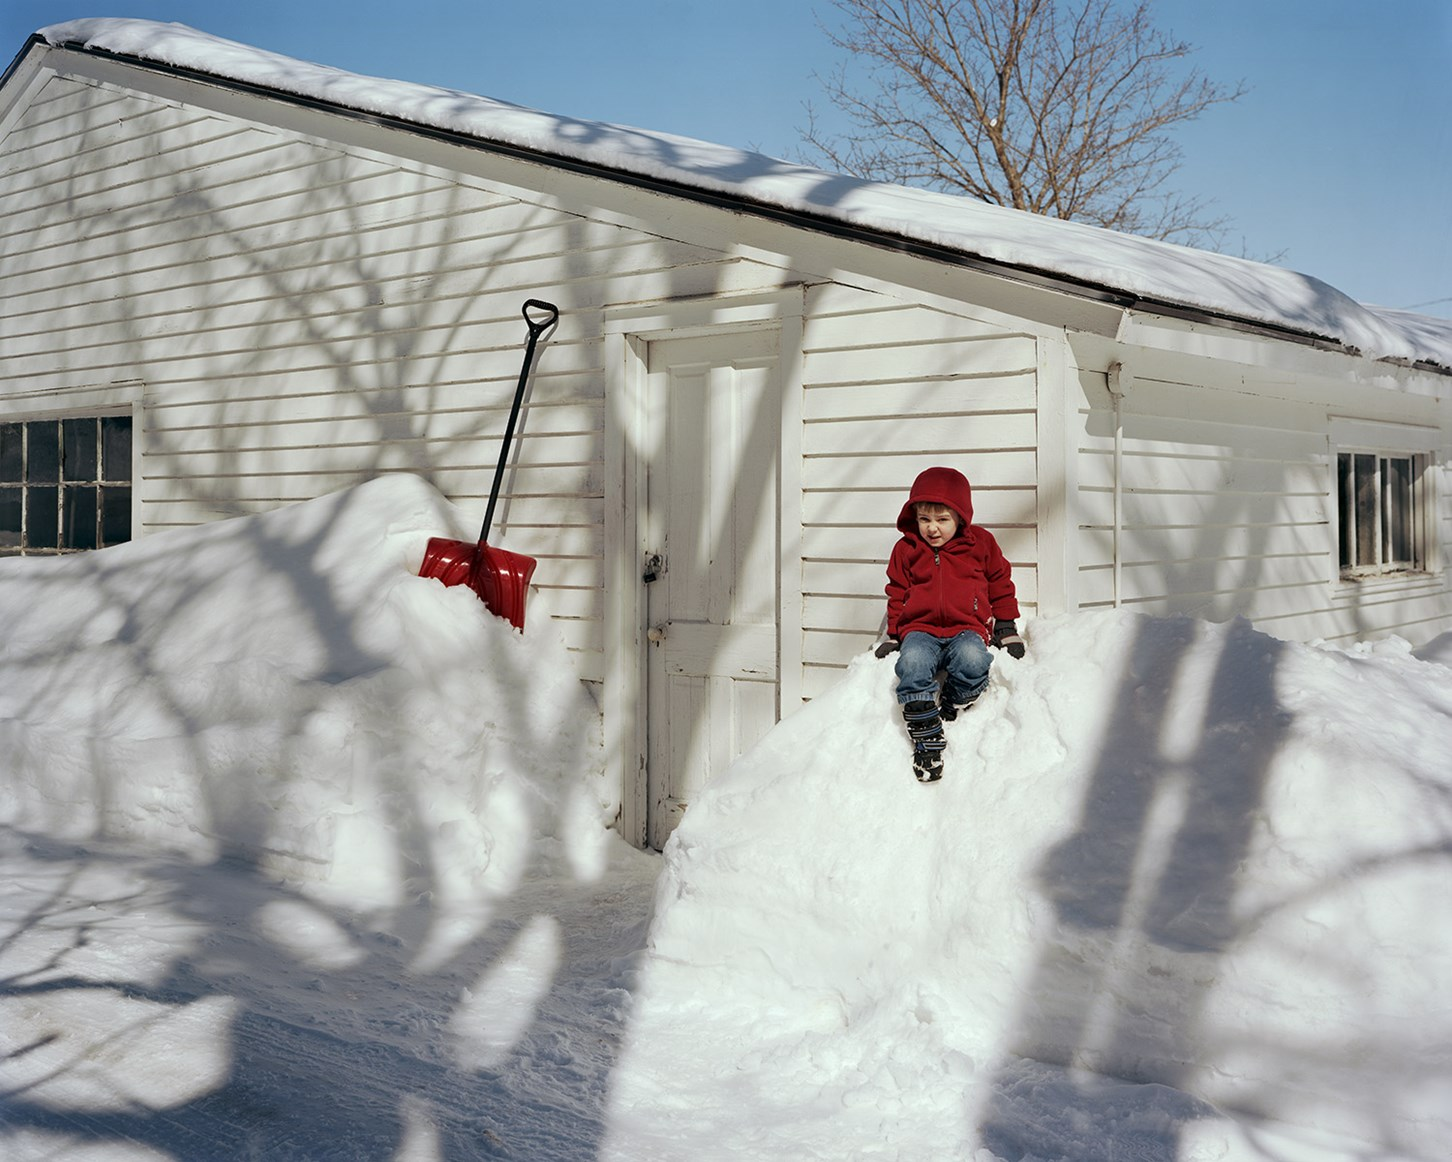 Miles, Skandia, Michigan, March 2014